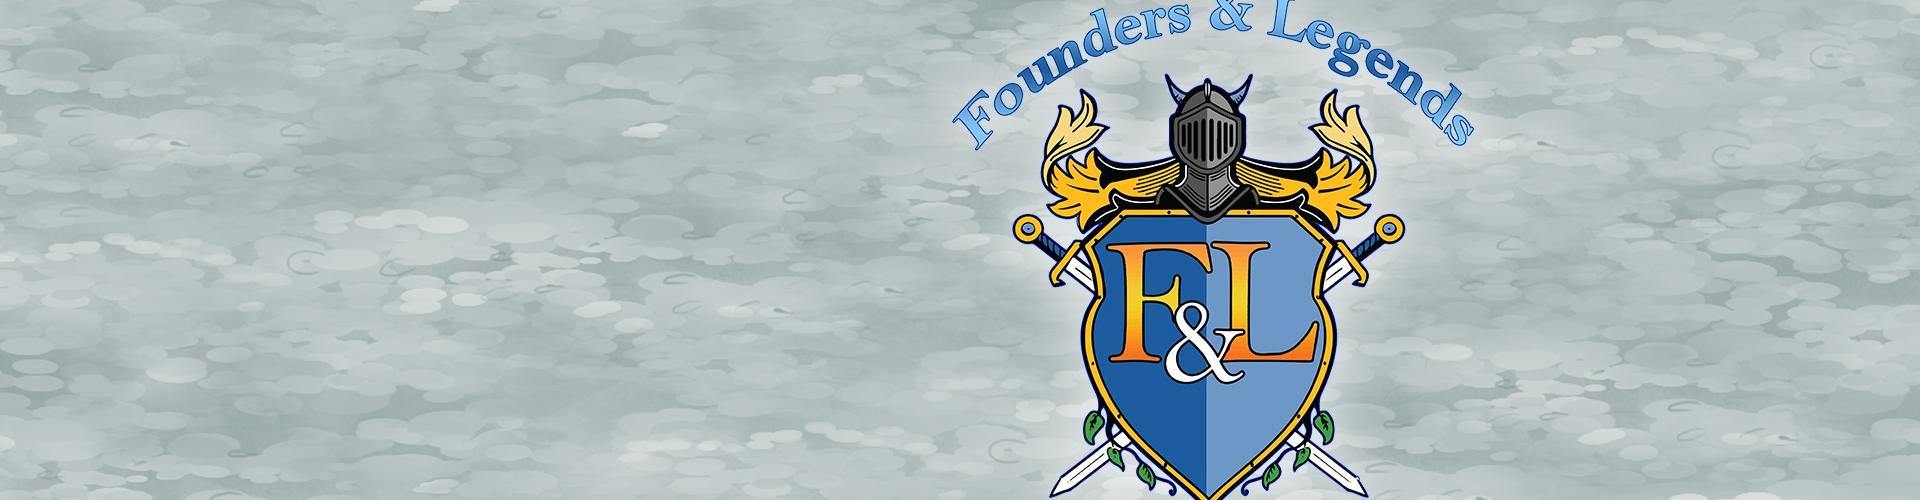 Founders & Legends II